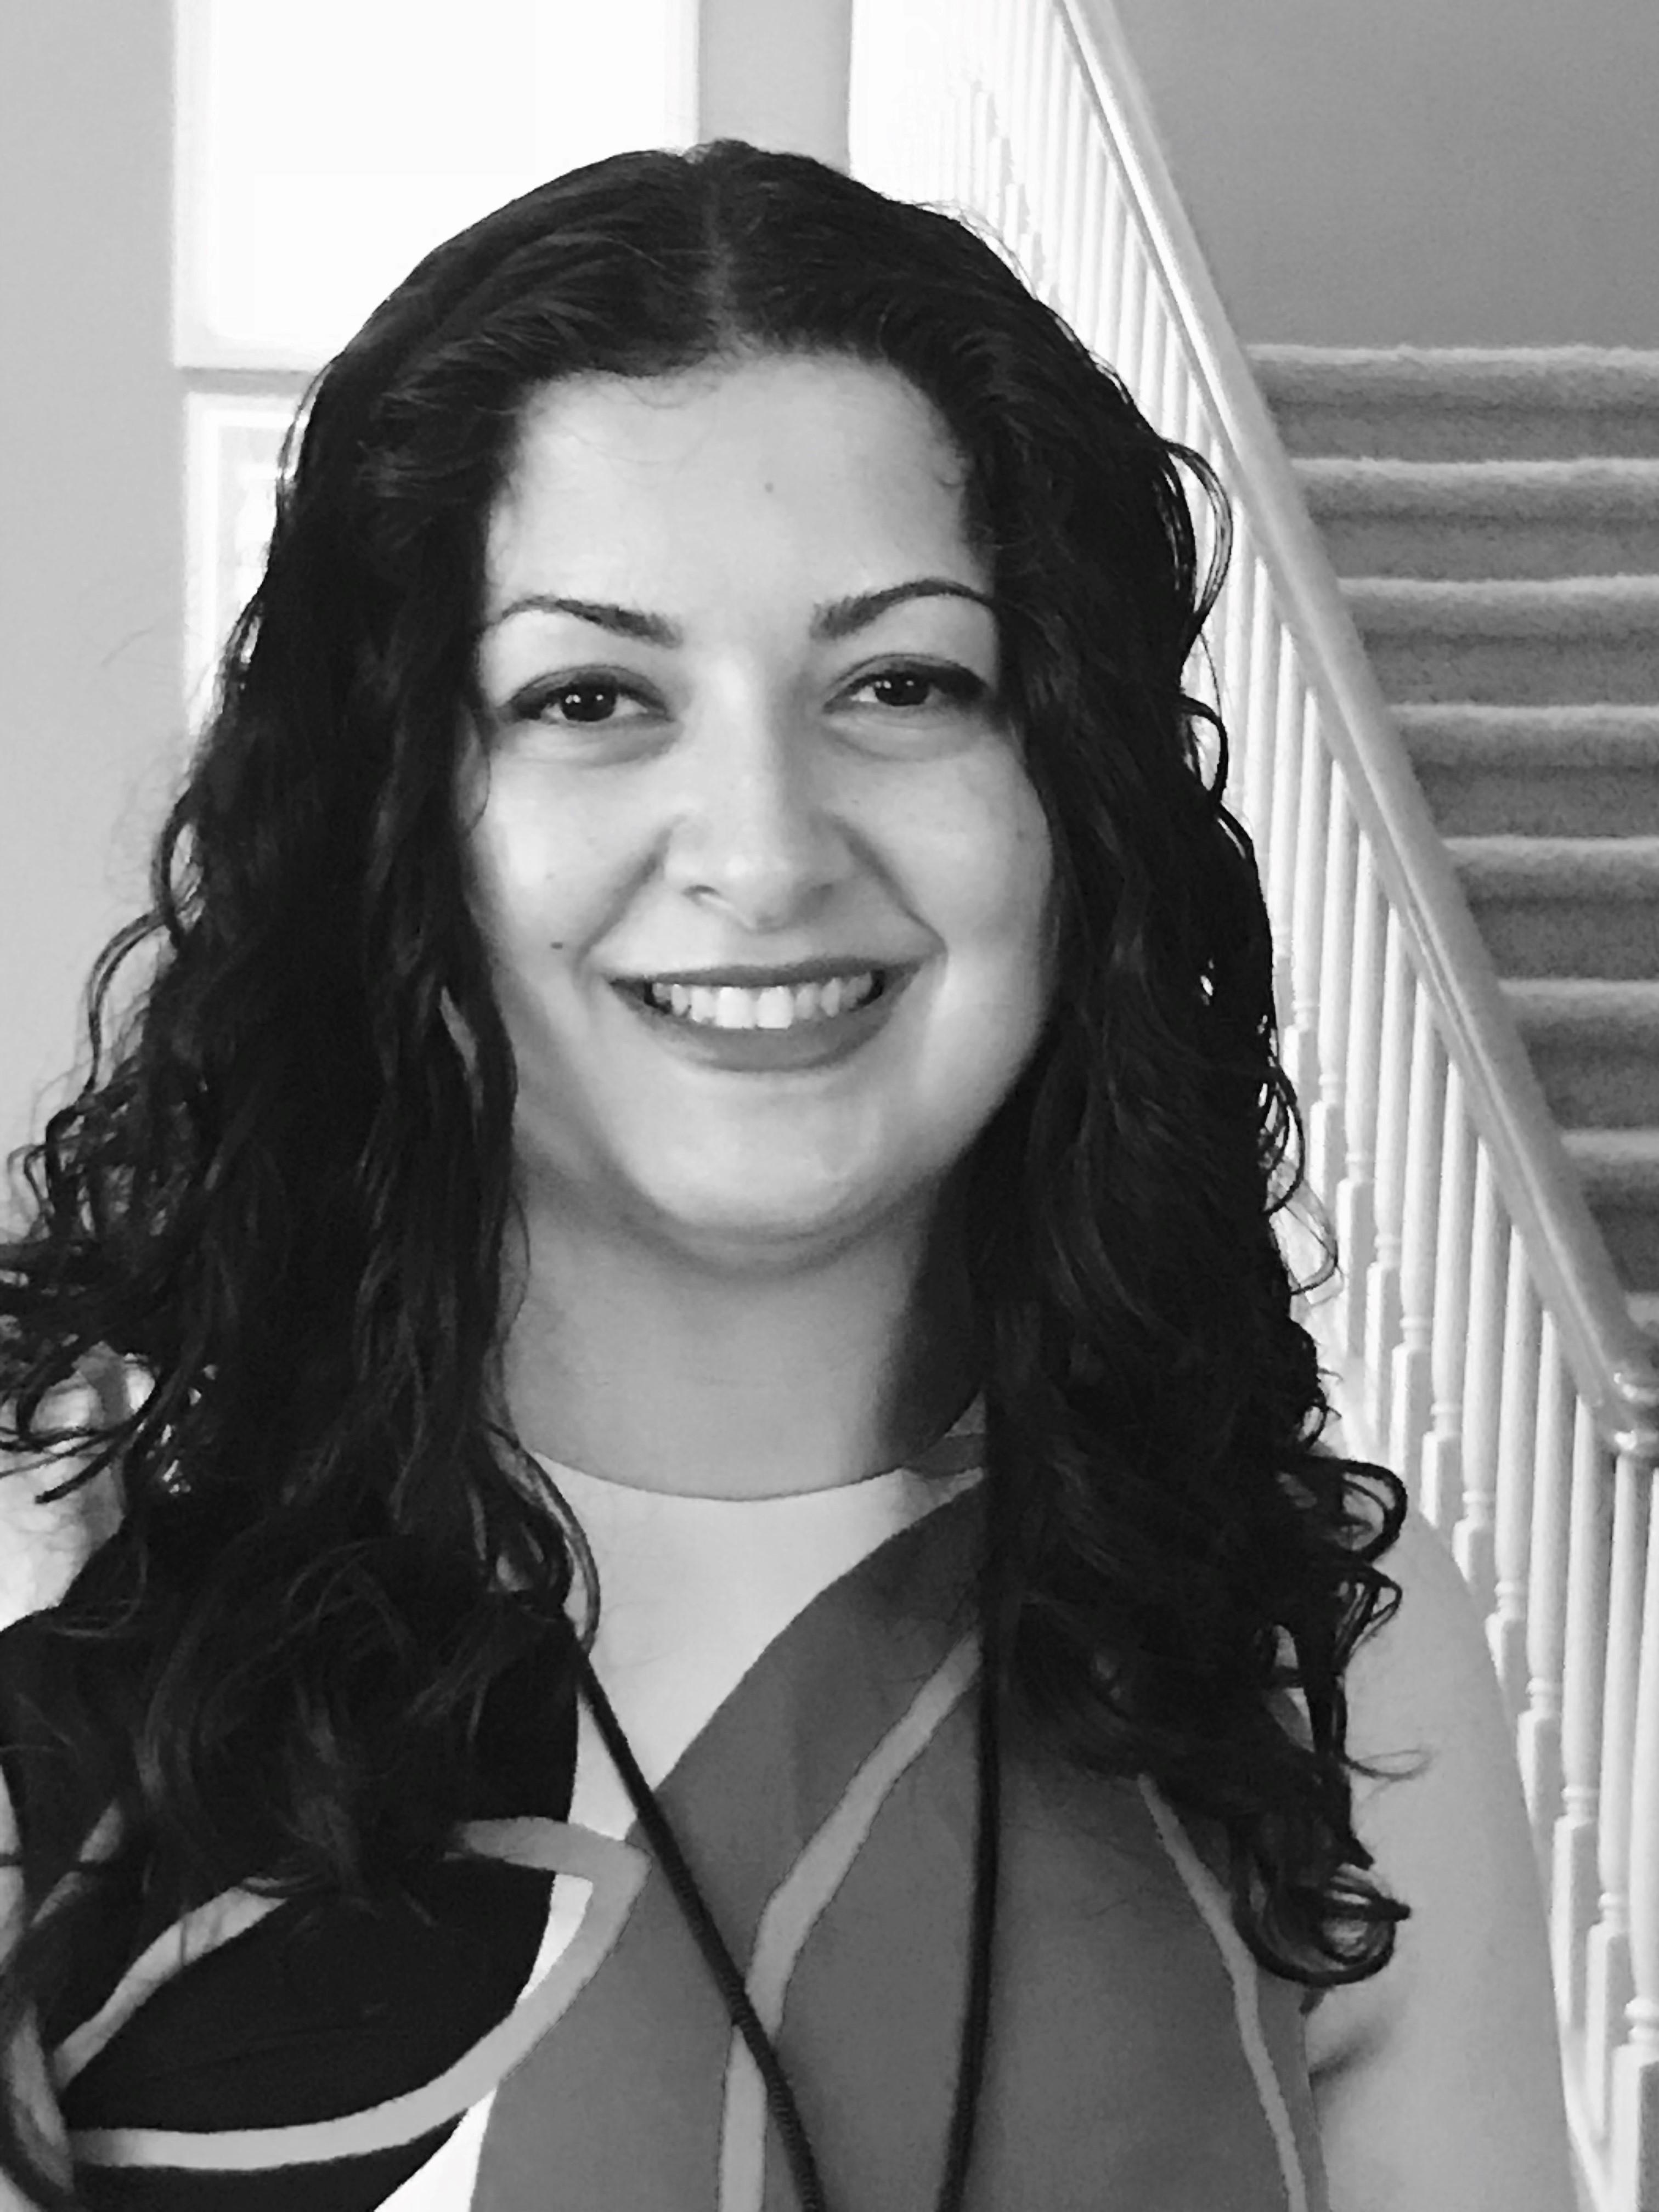 Maryam Ghorbankarimi